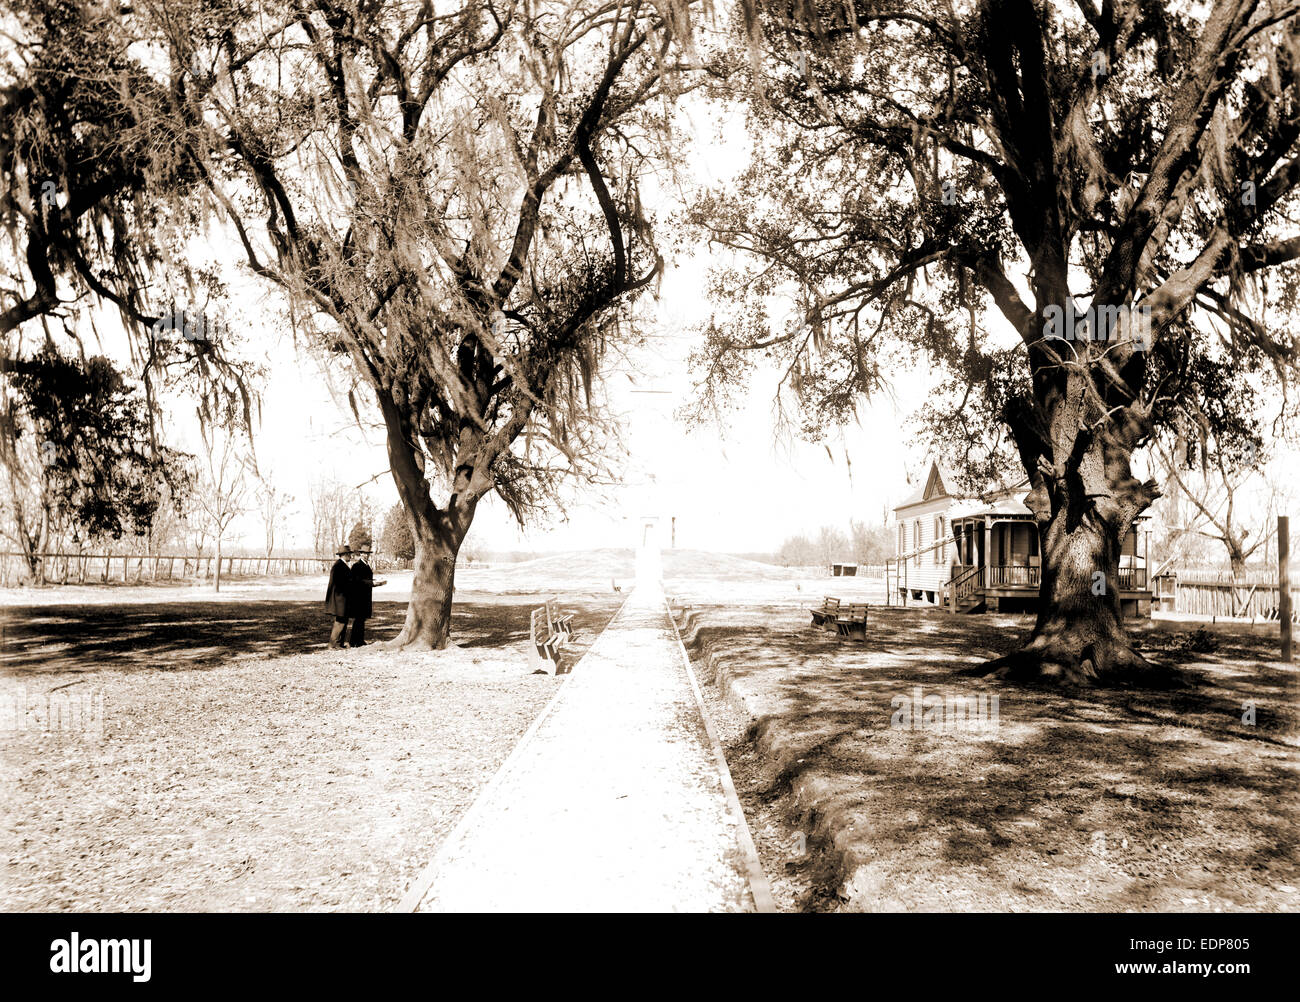 Infinite Photographs Photo Chalmette Oaks,Battle Monument,battlefields,memorials,New Orleans,LA,c1905